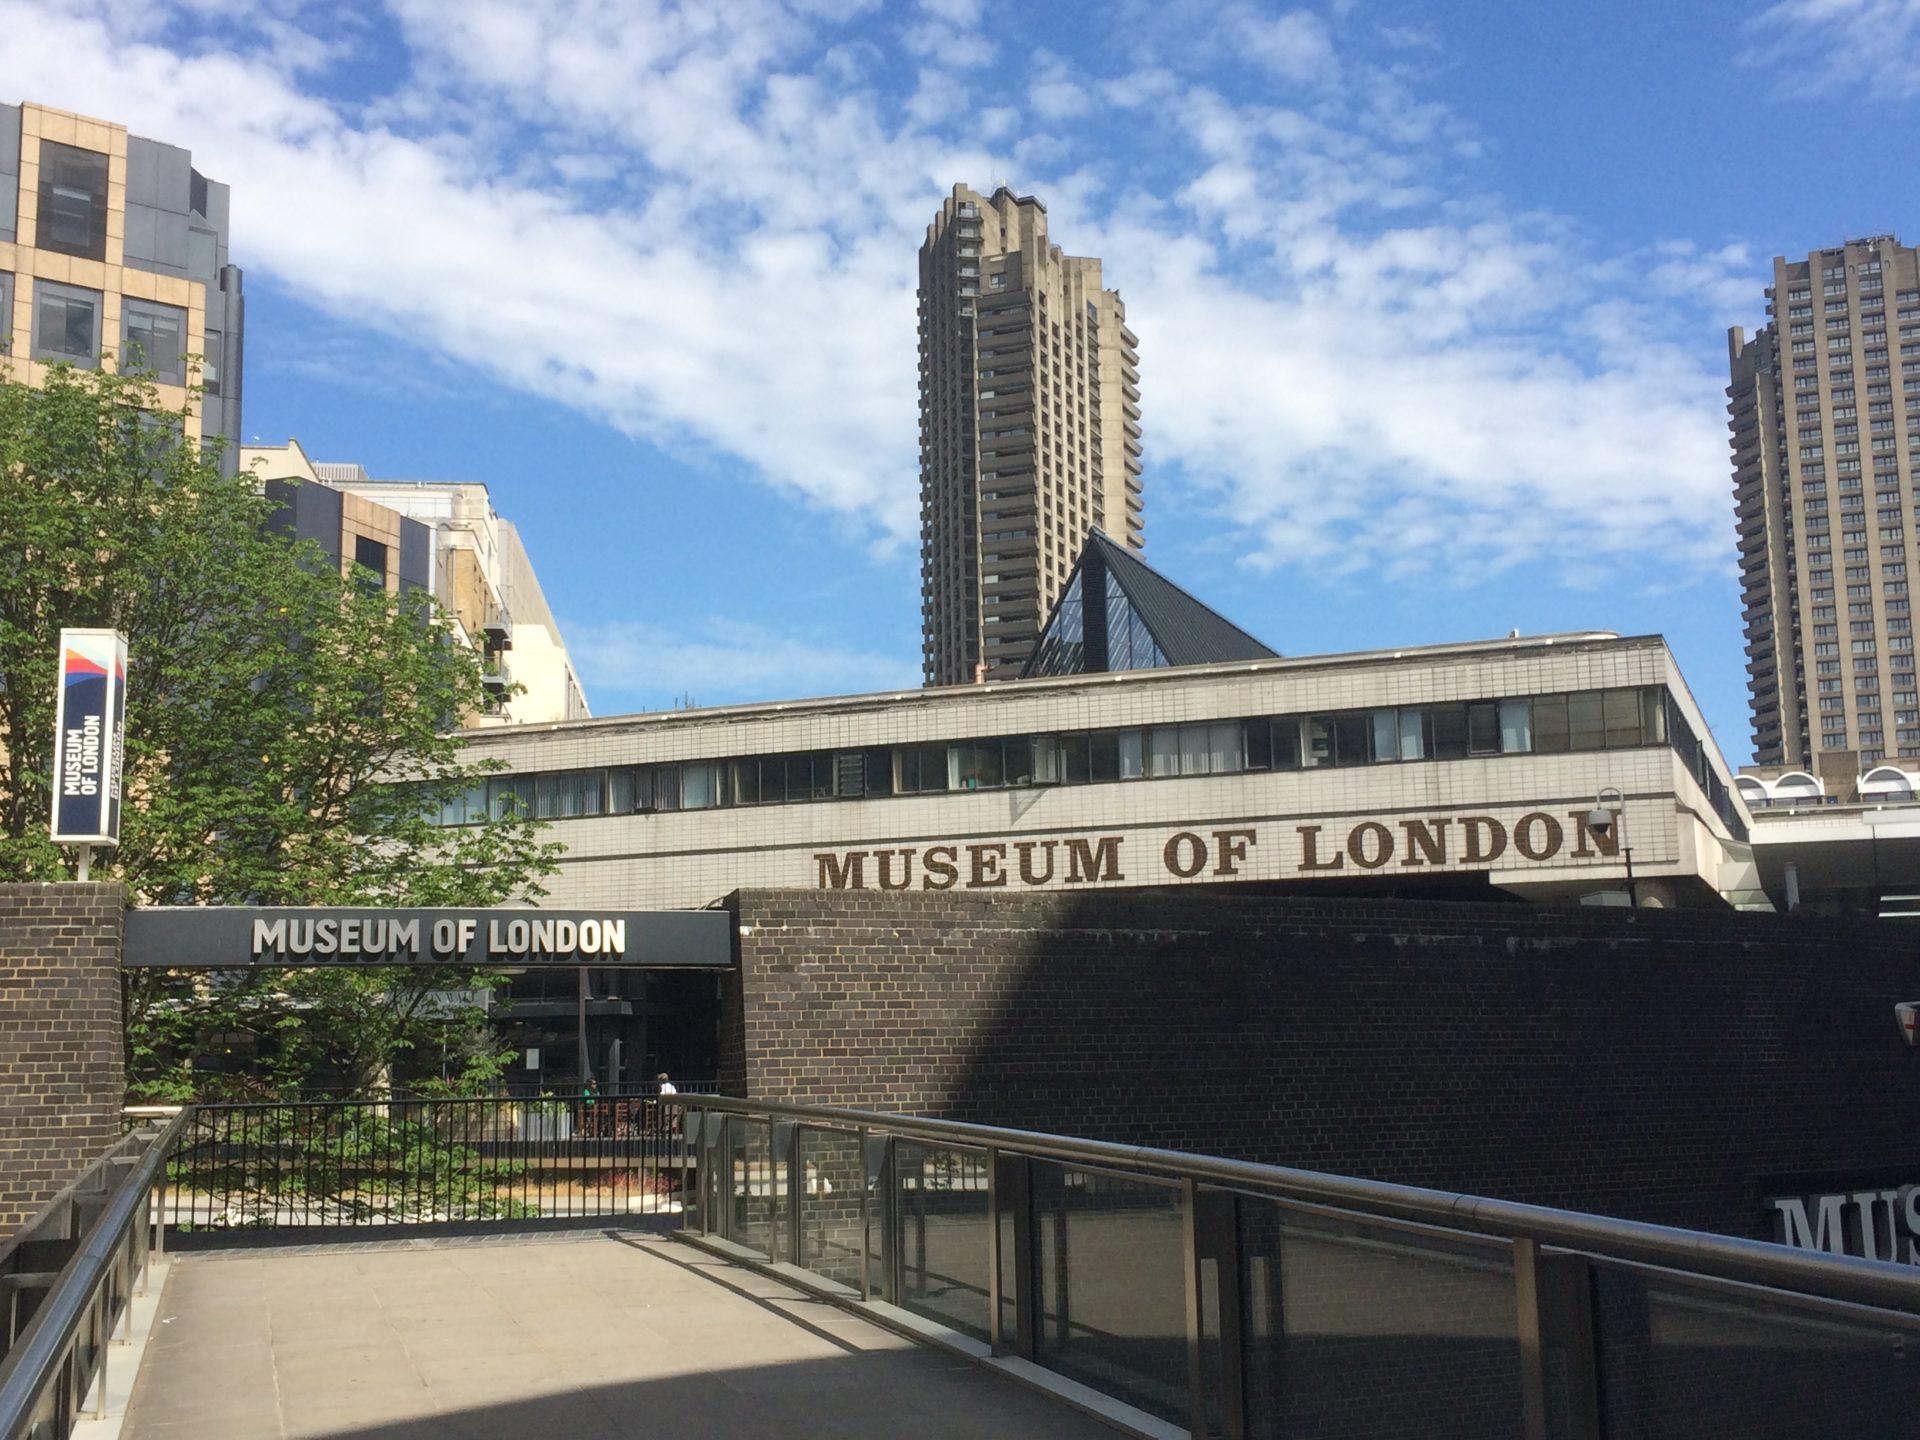 【博物之島新訊】博物館的文物可以摸嗎?倫敦博物館讓你觸摸城市的歷史